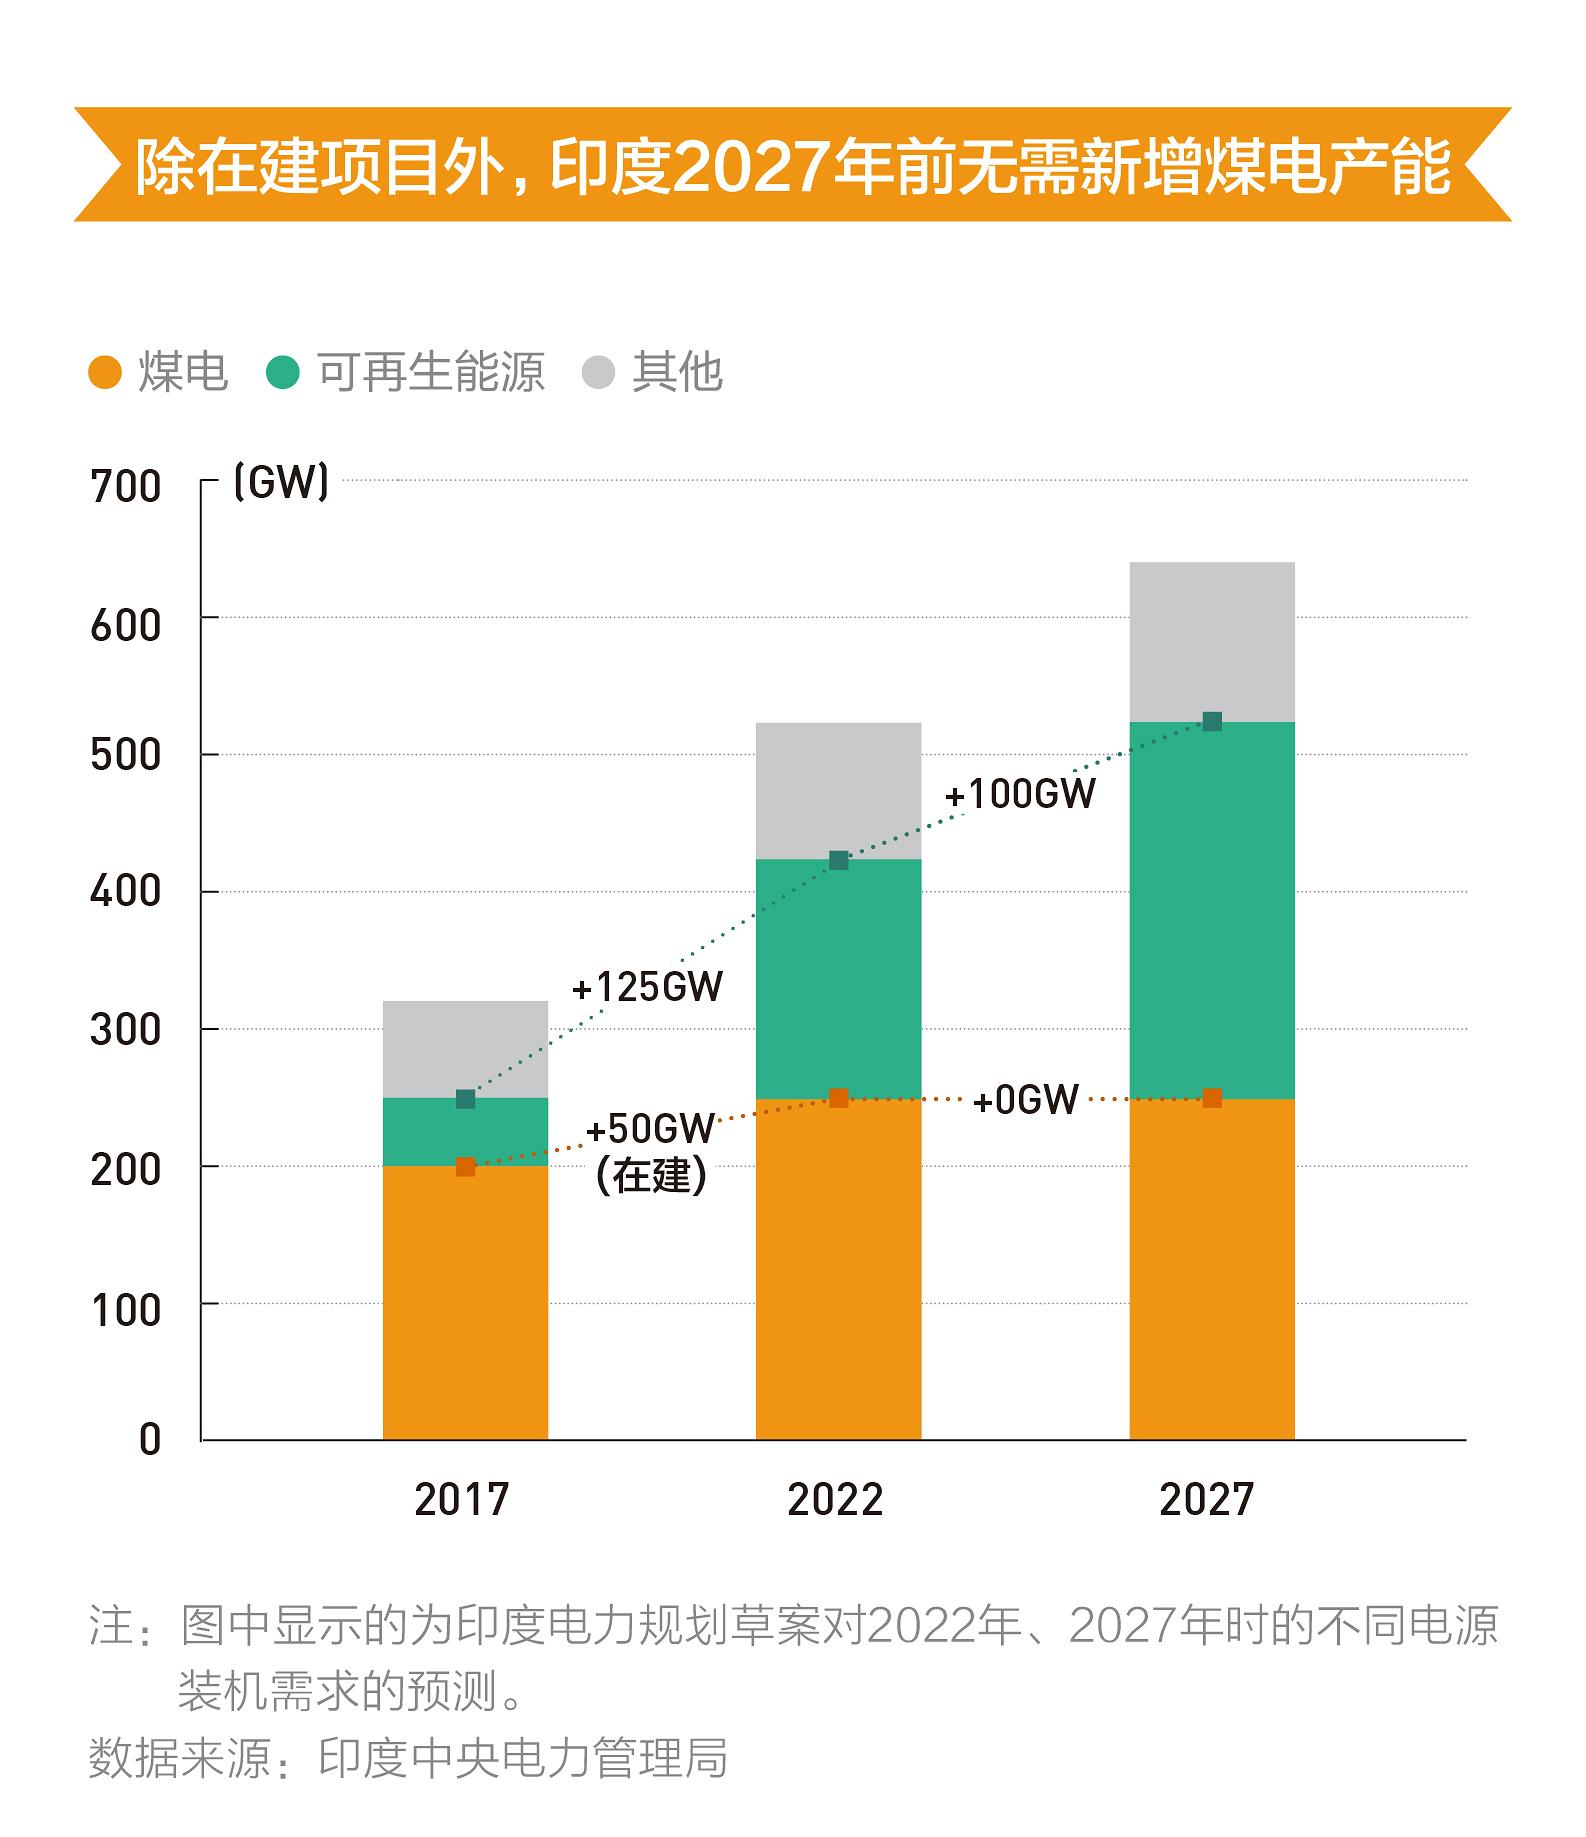 印度2027年前无需新增煤电产能